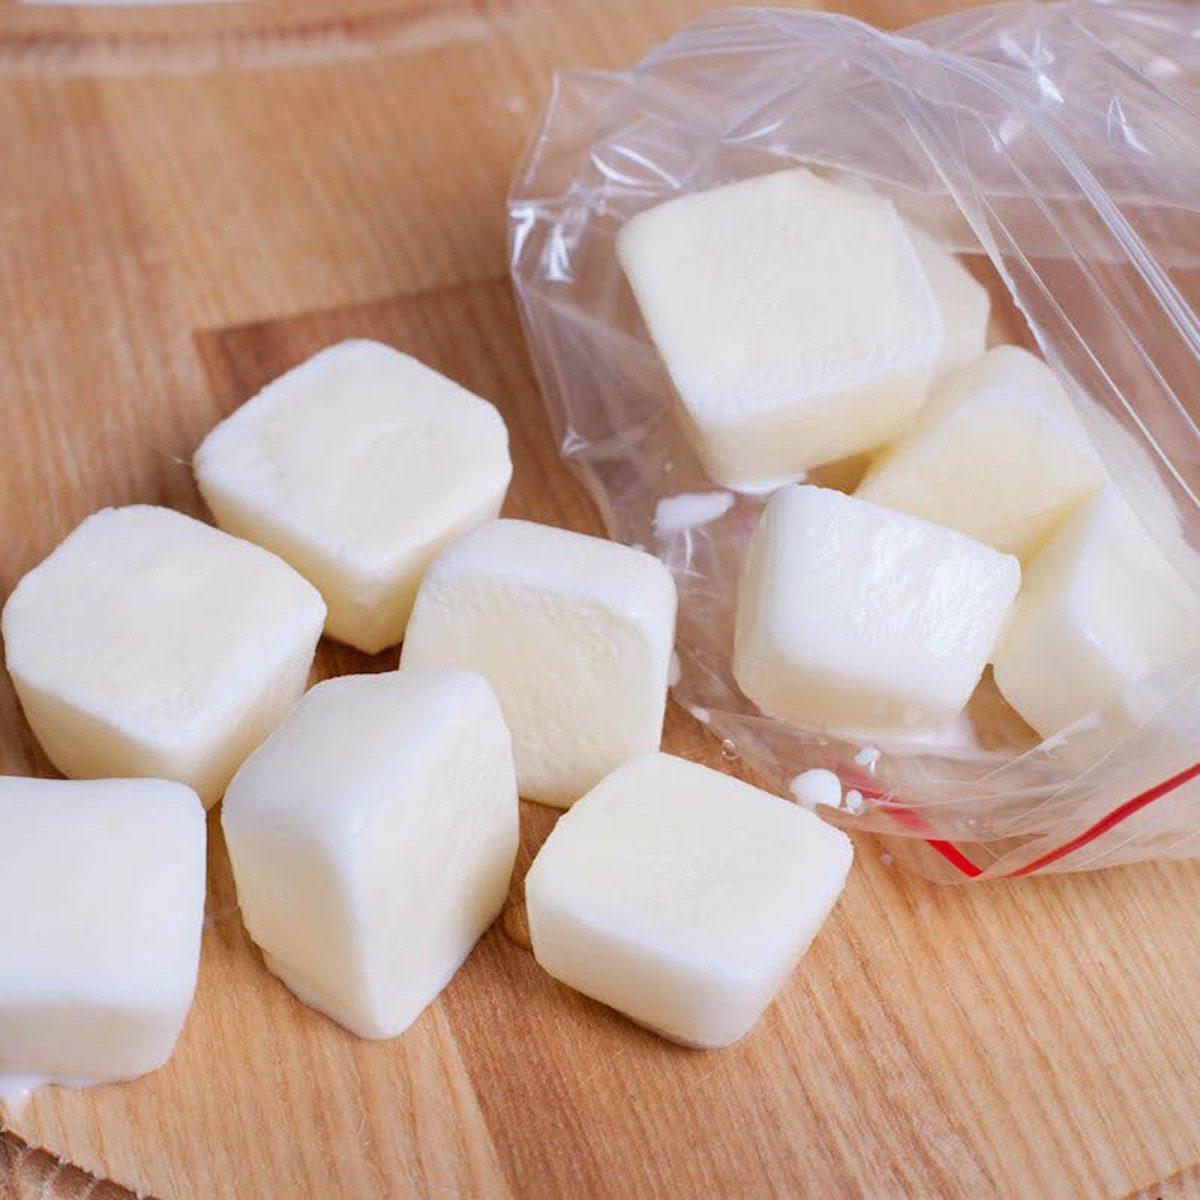 Cho sữa tươi không đường vào khay đá, đặt vào tủ đông và bạn đã có mặt nạ sữa tươi đông lạnh. Bạn có thể làm tương tự với sữa chua không đường. Mặt nạ sữa giúp giảm nếp nhăn, chống lão hóa.